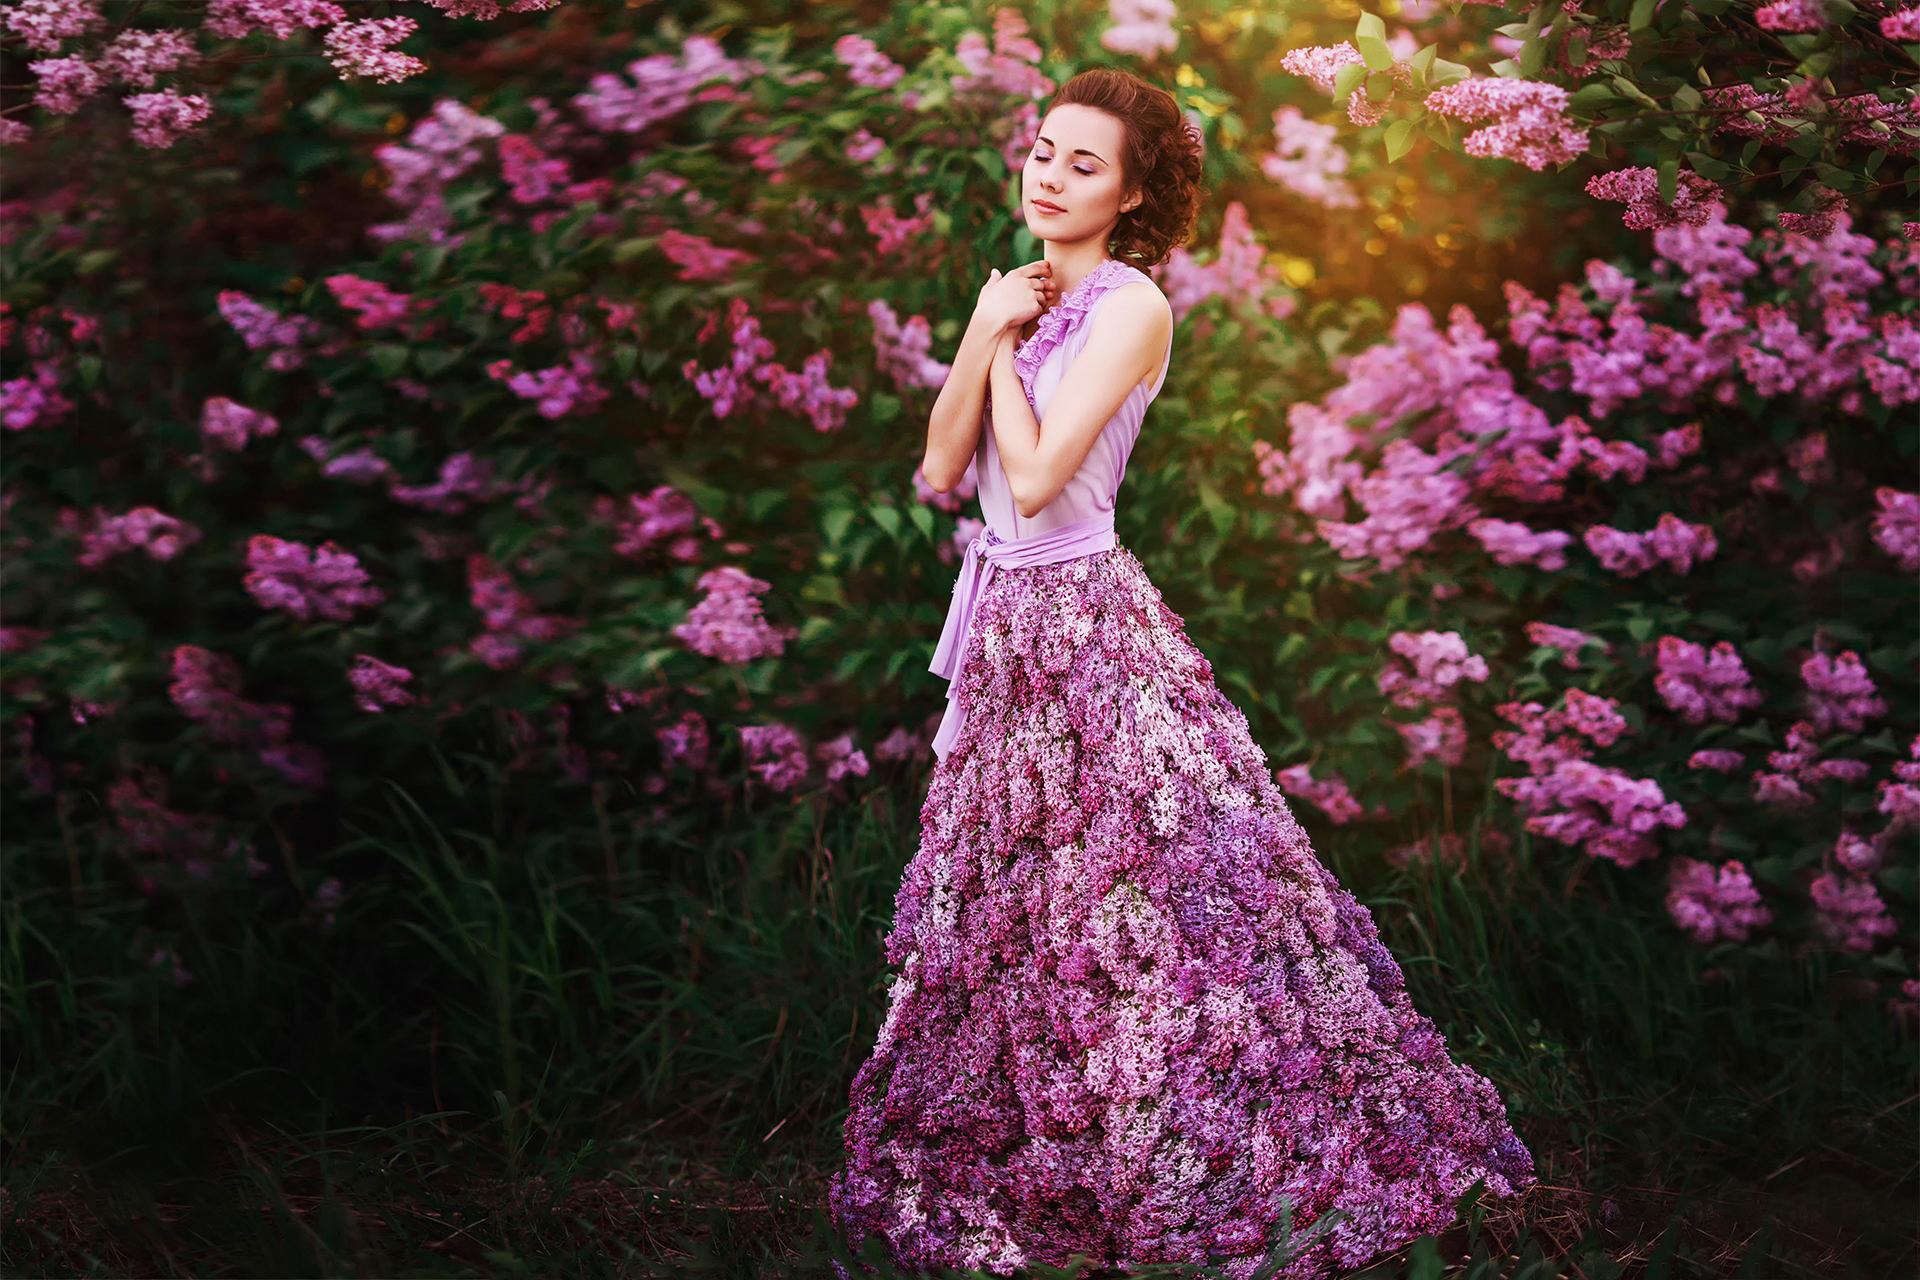 Картинка девушка в платье из цветов